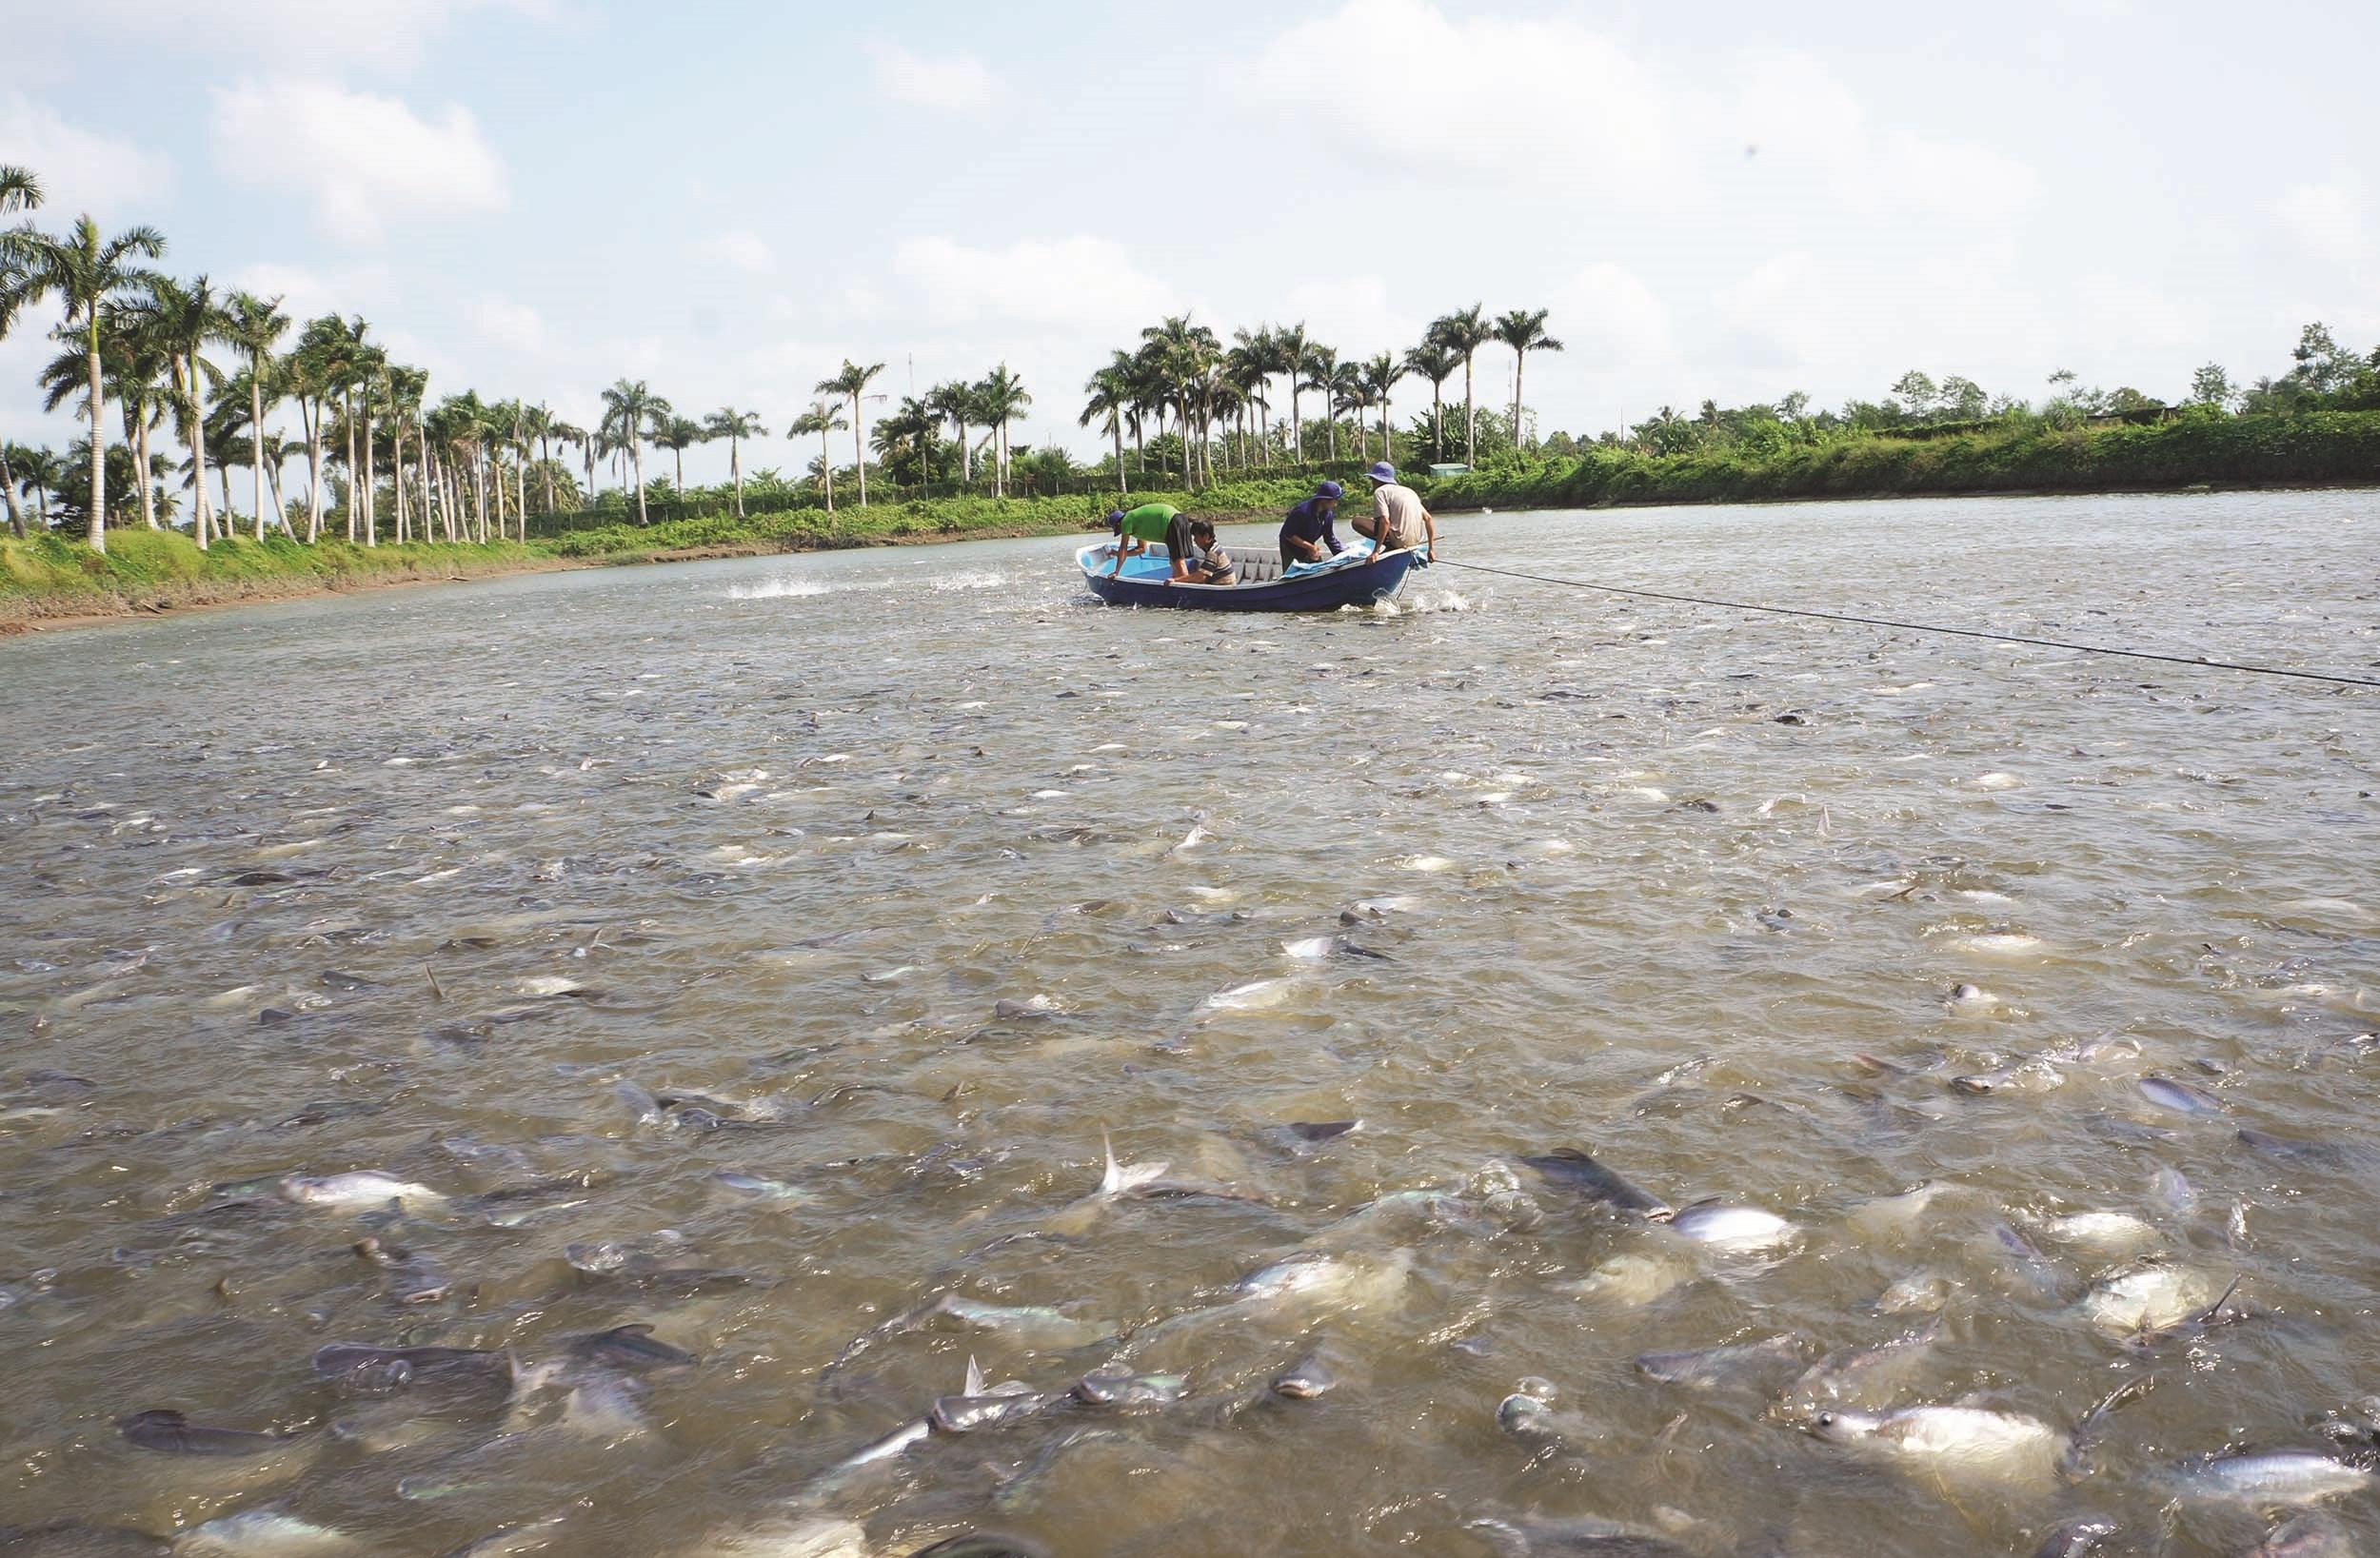 Ao nuôi cá tra nguyên liệu thuộc Công ty CP chế biến thuỷ sản Cần Thơ – Hà Nội.